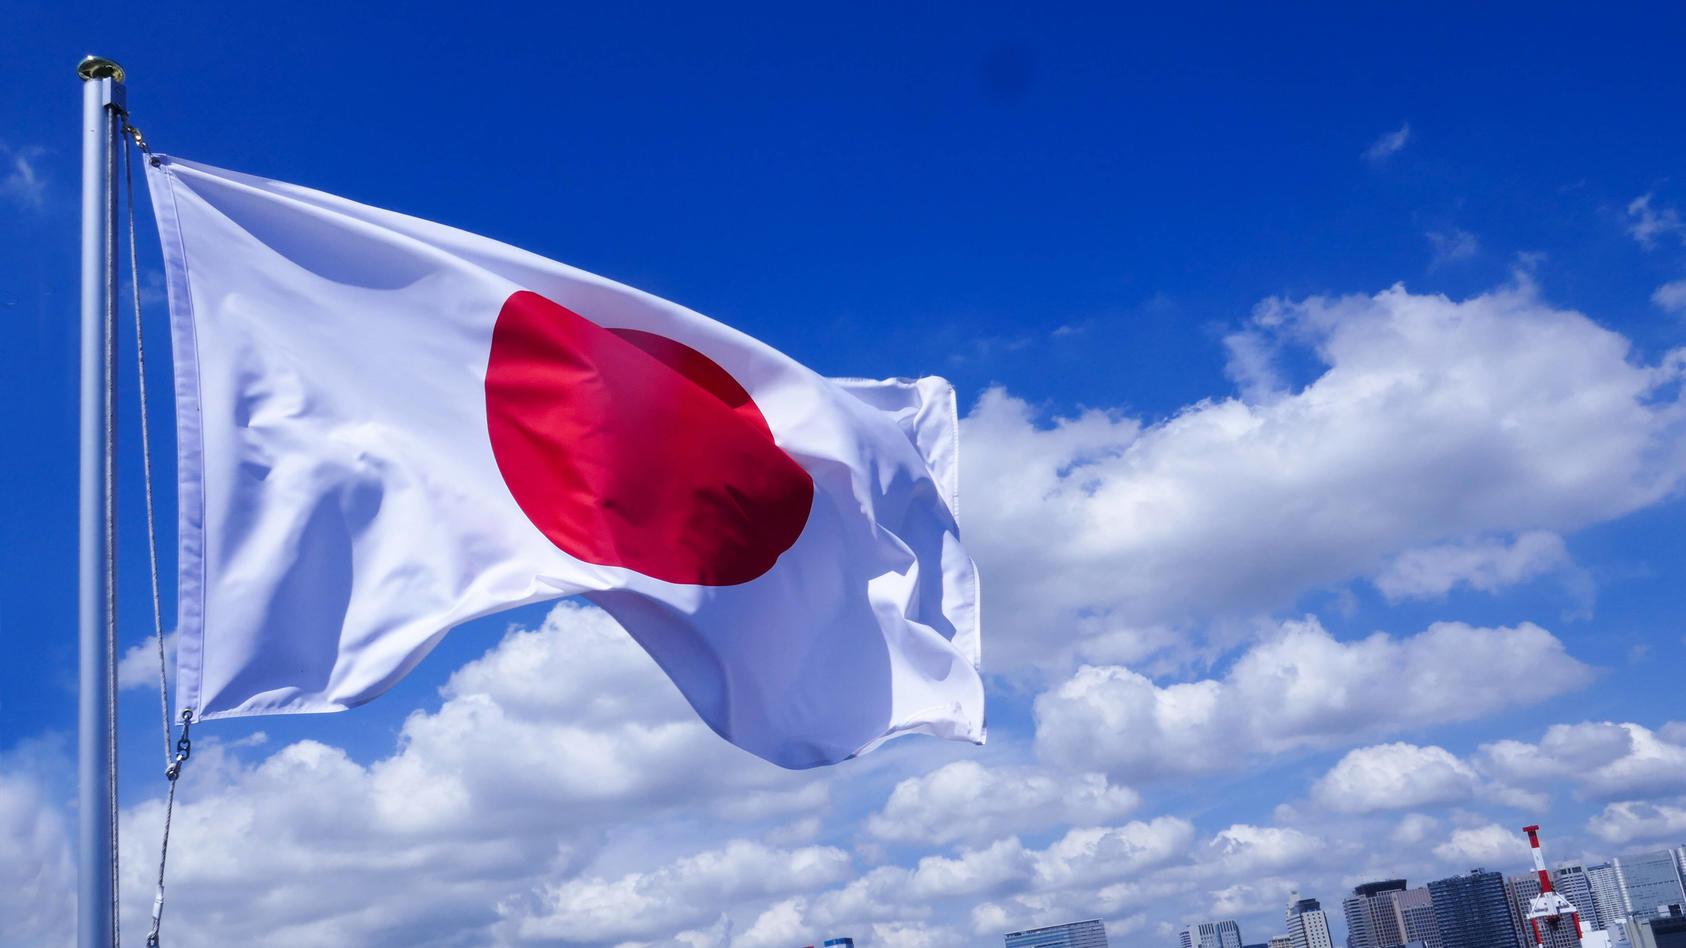 Die Olympische Spiele finden in Japans Hauptstadt Tokio statt.